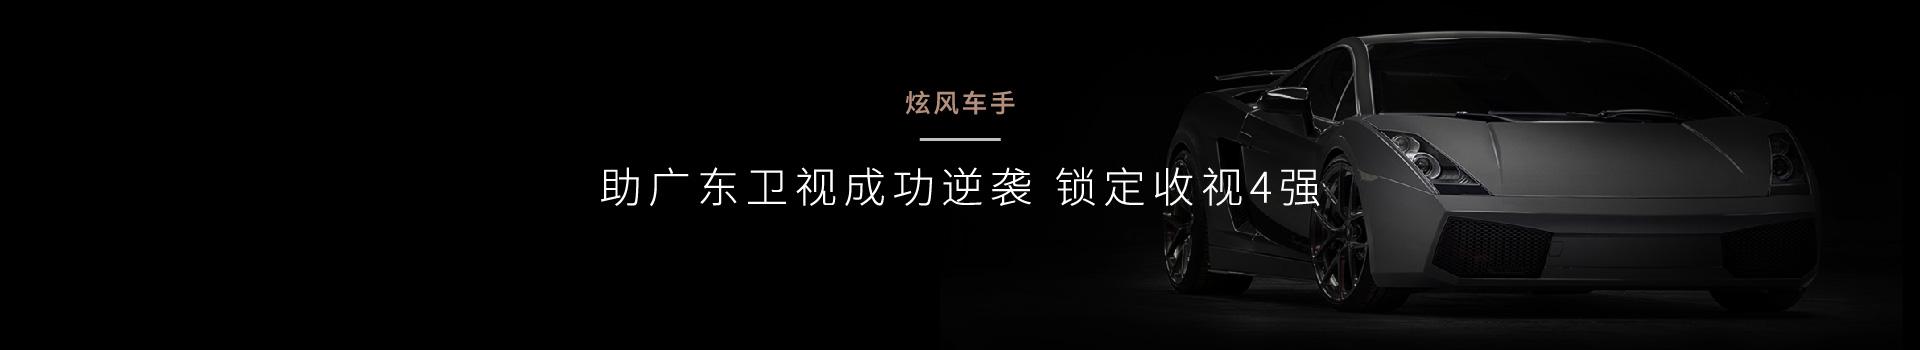 上海营销咨询公司炫风车手定义精准人群,借力大腕、网络等策划案例